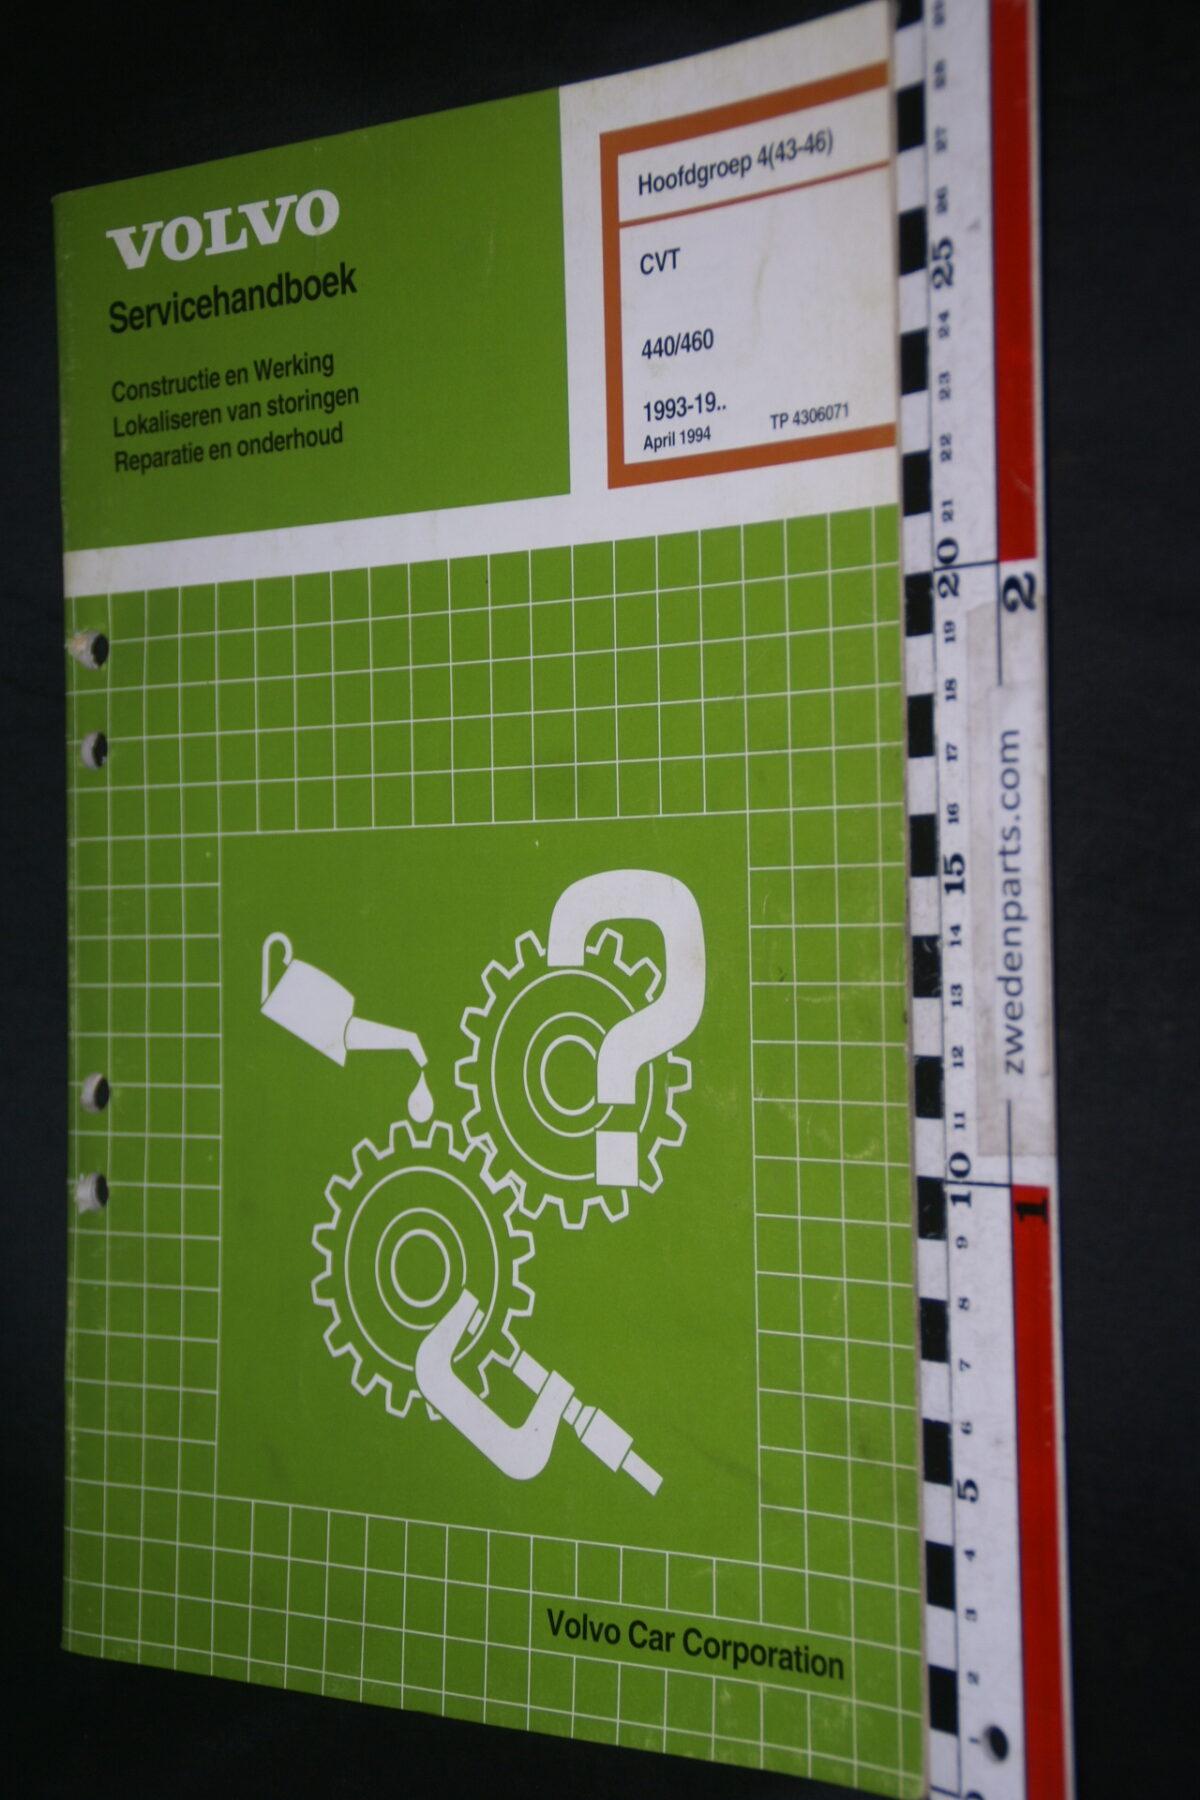 DSC08537 1994 origineel Volvo 440, 460 servicehandboek  4 (43-46) CVT 1 van 1.000 TP 4306071-1